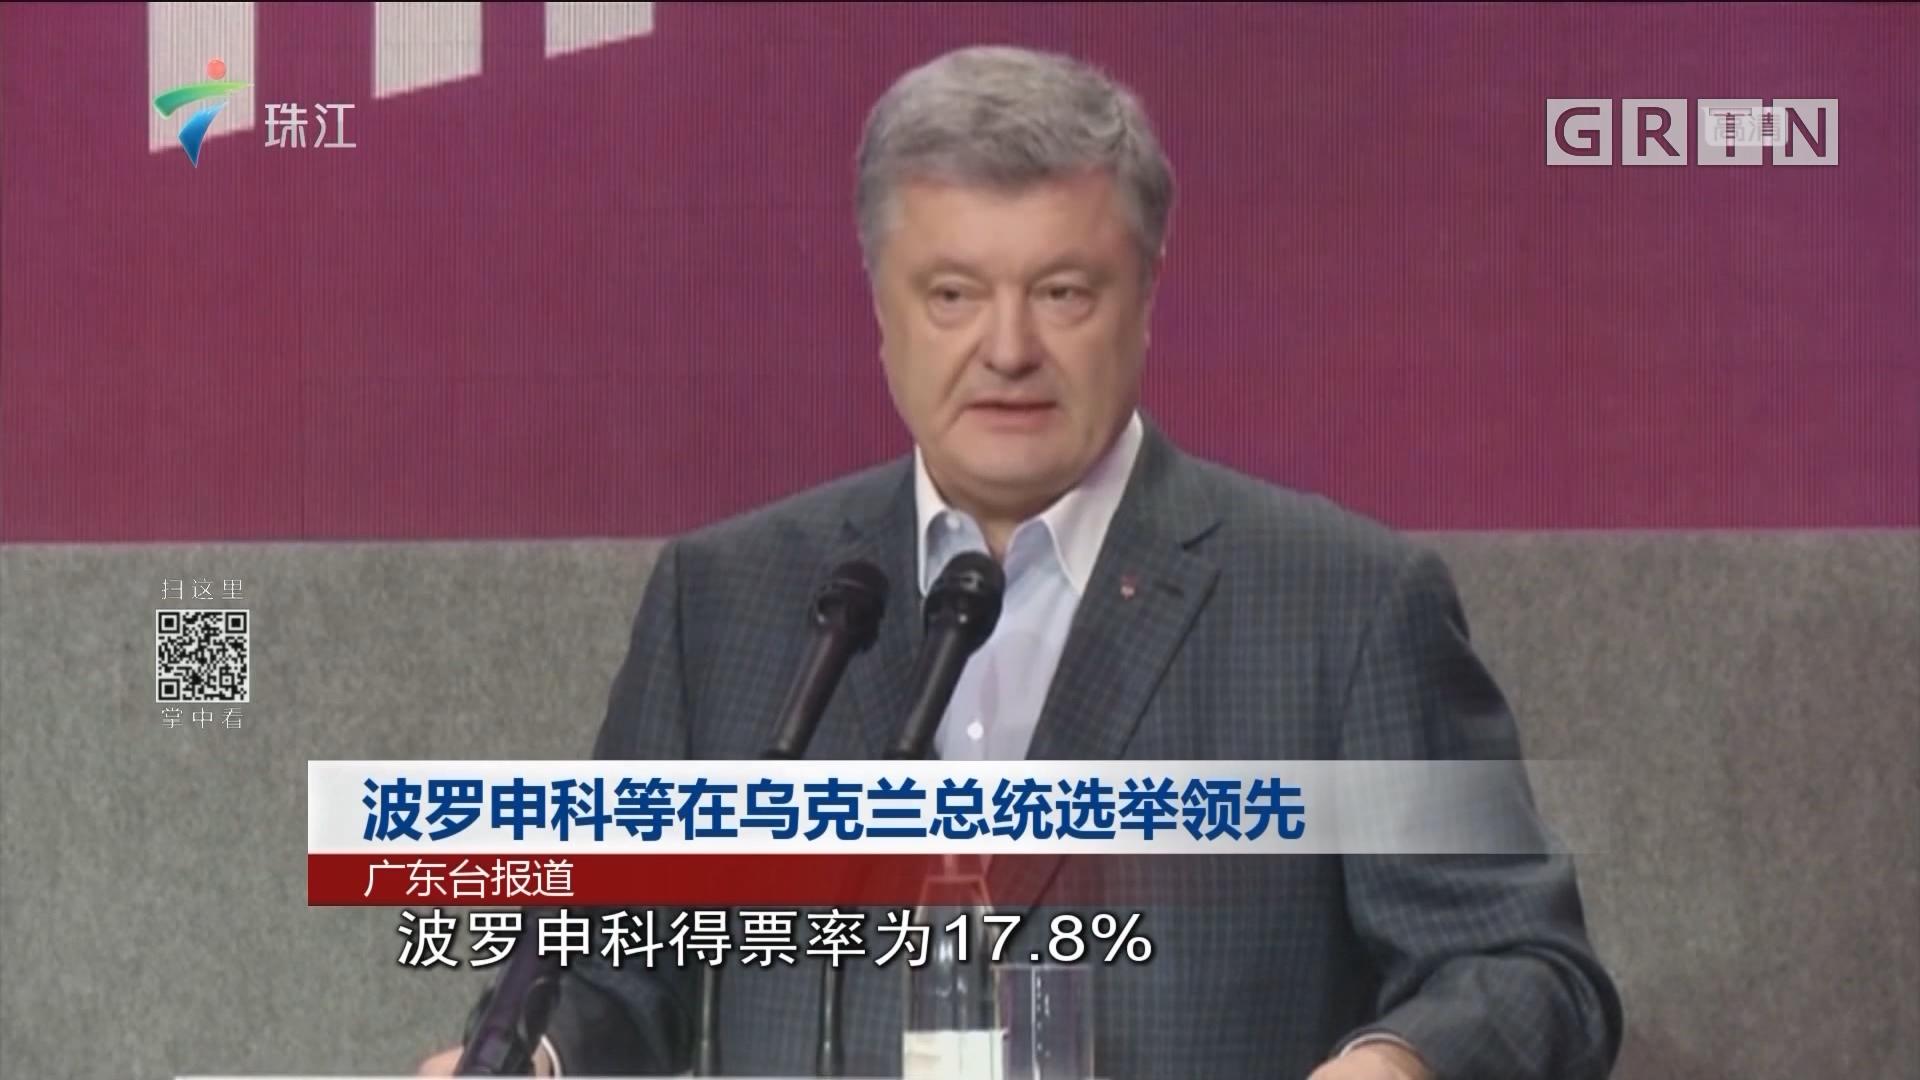 波罗申科等在乌克兰总统选举领先